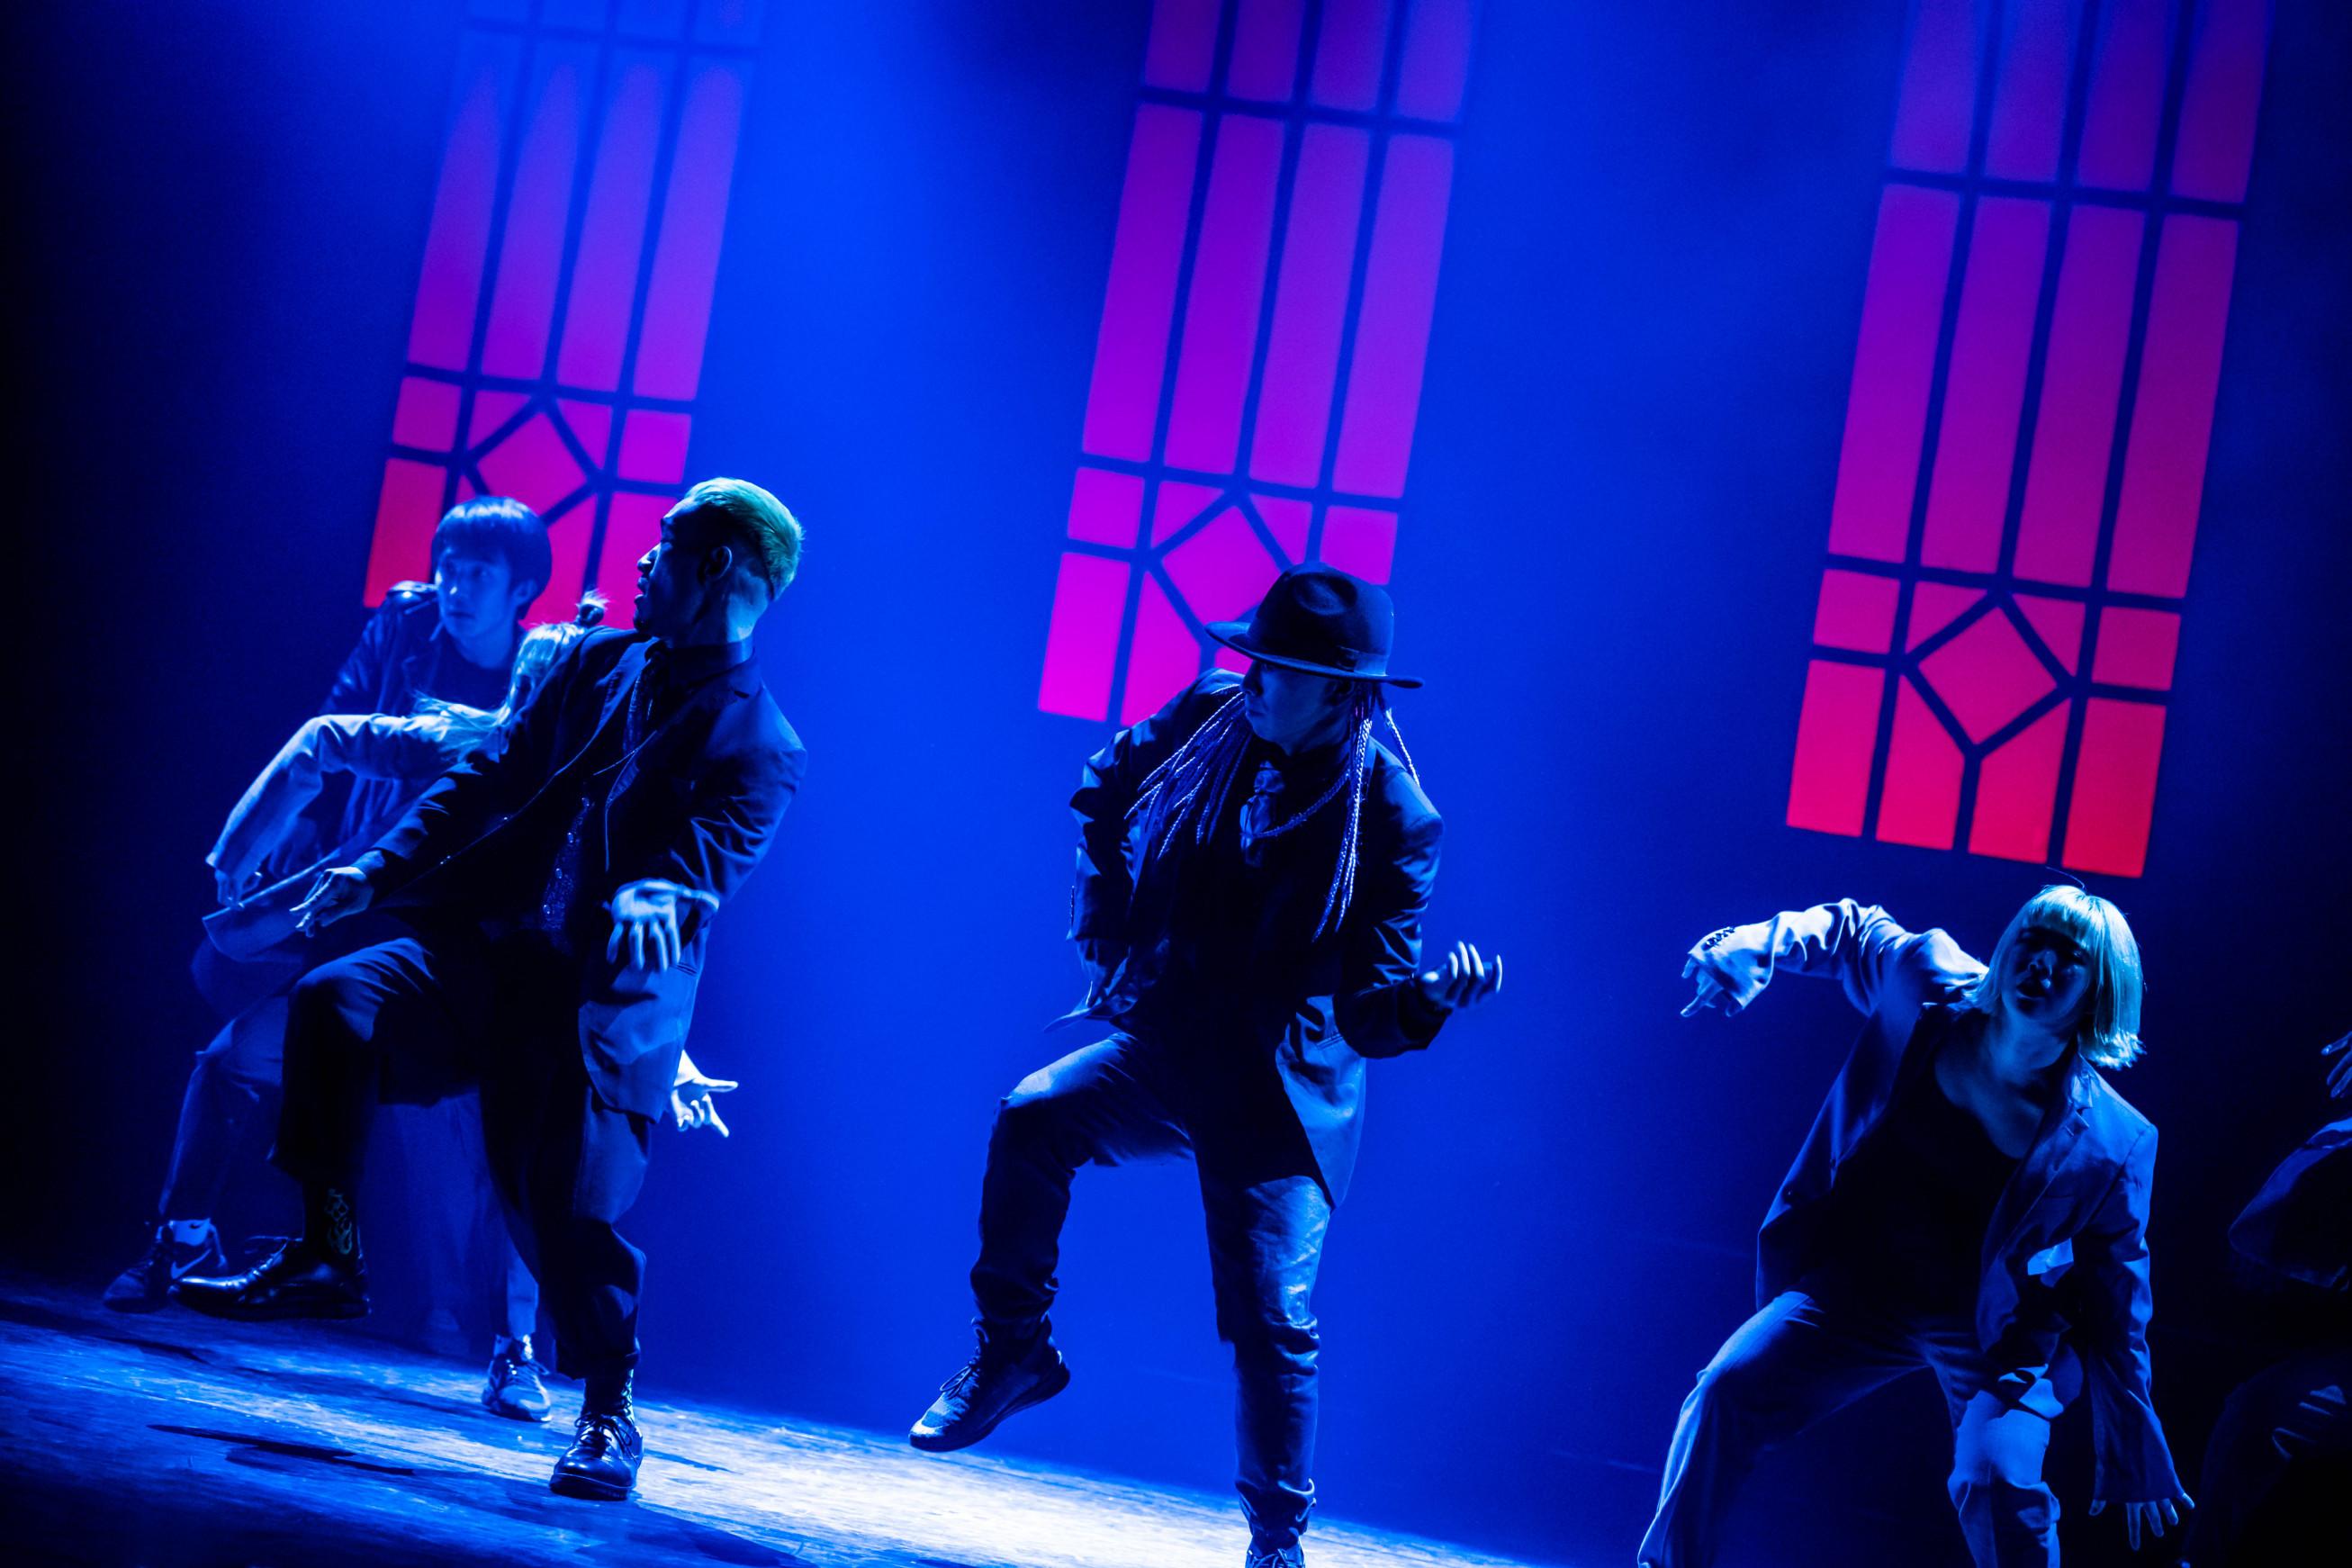 舞台照明イメージ